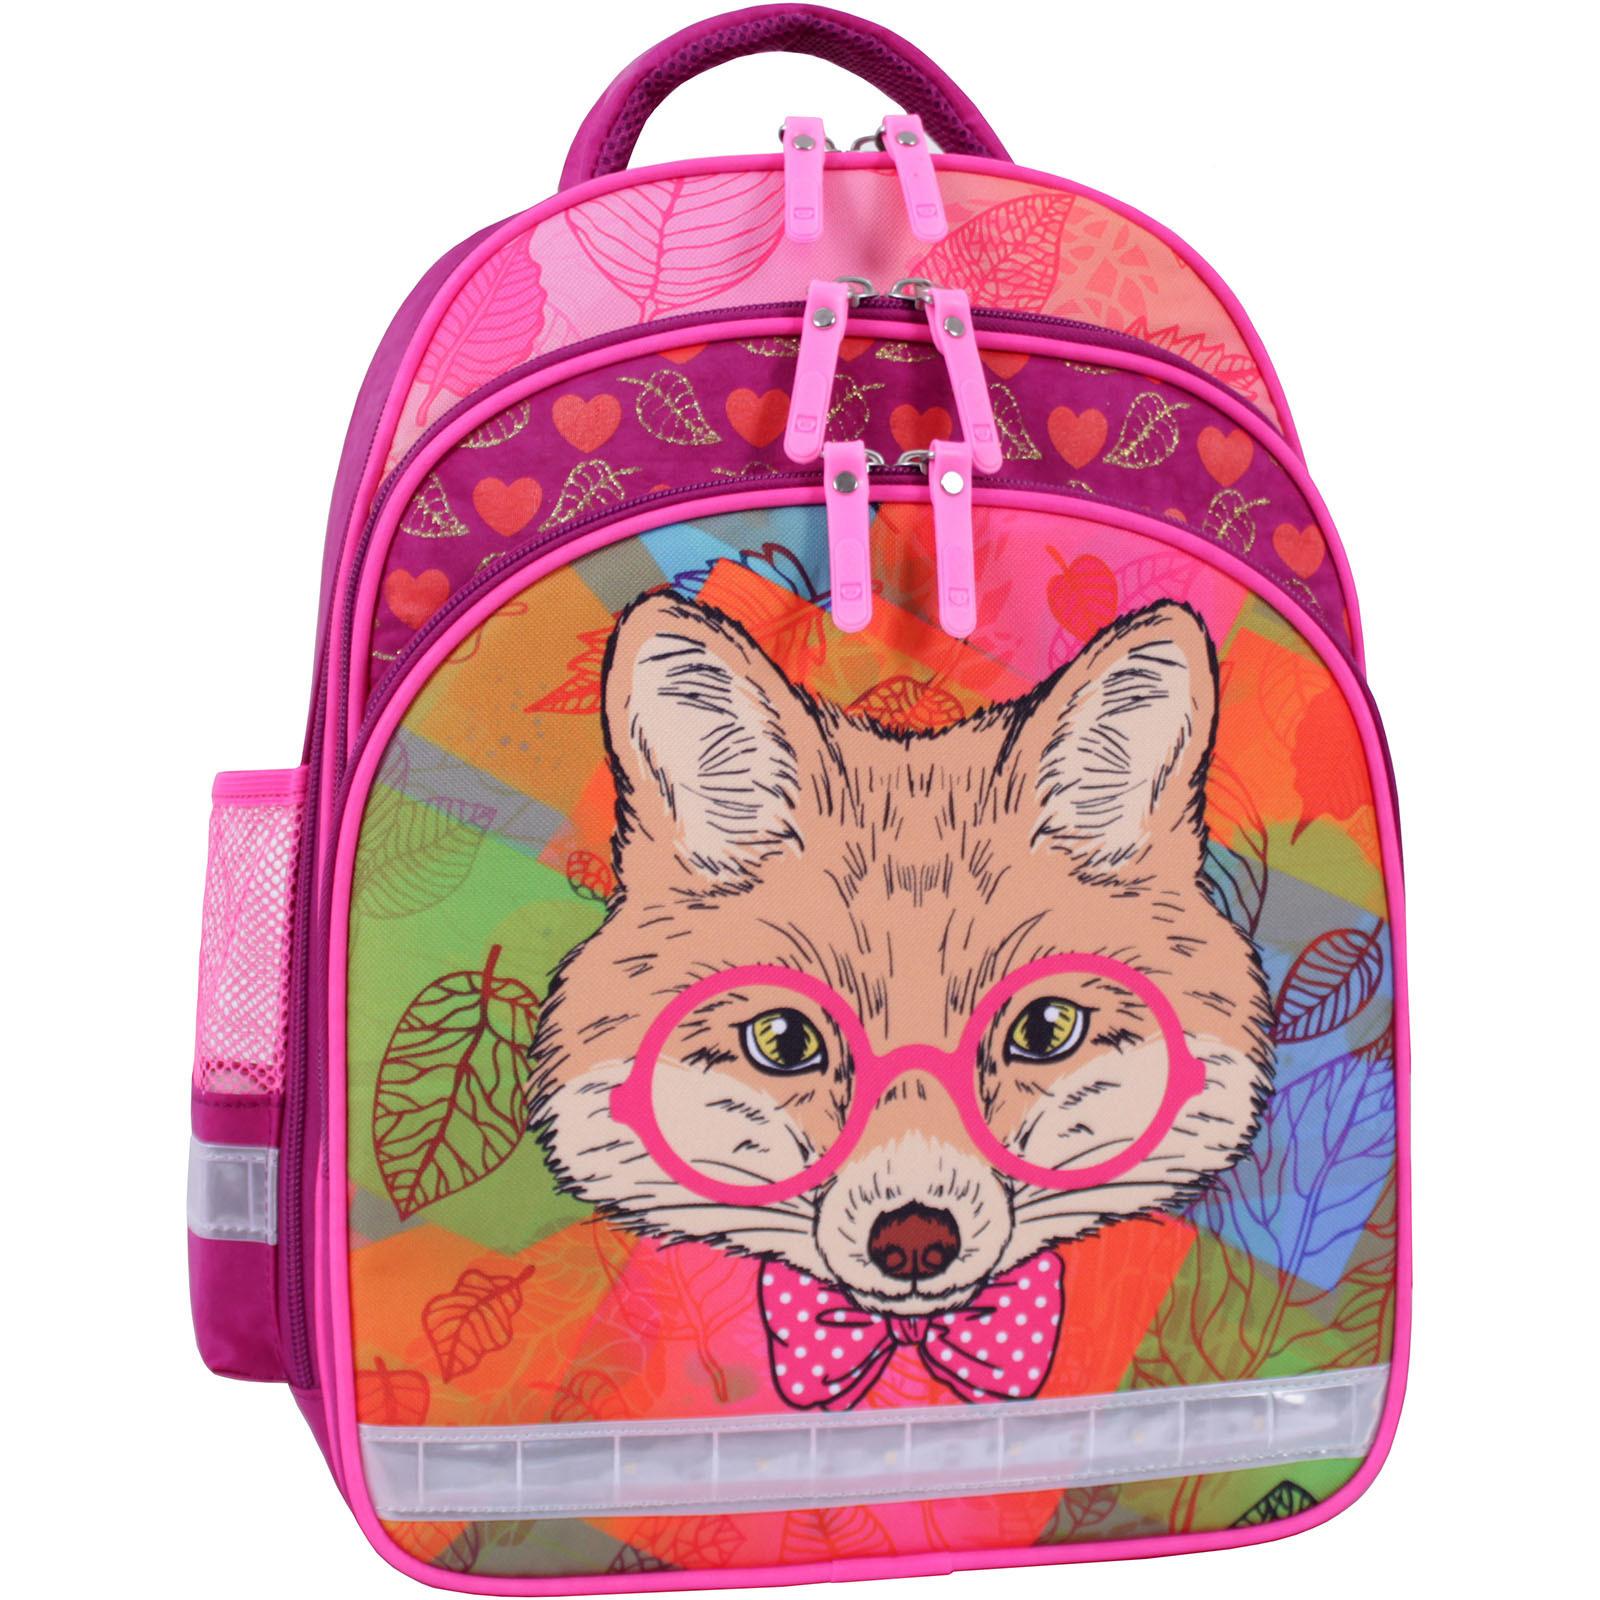 Детские рюкзаки Рюкзак школьный Bagland Mouse 143 малиновый 512 (0051370) IMG_9761_суб.512_.JPG